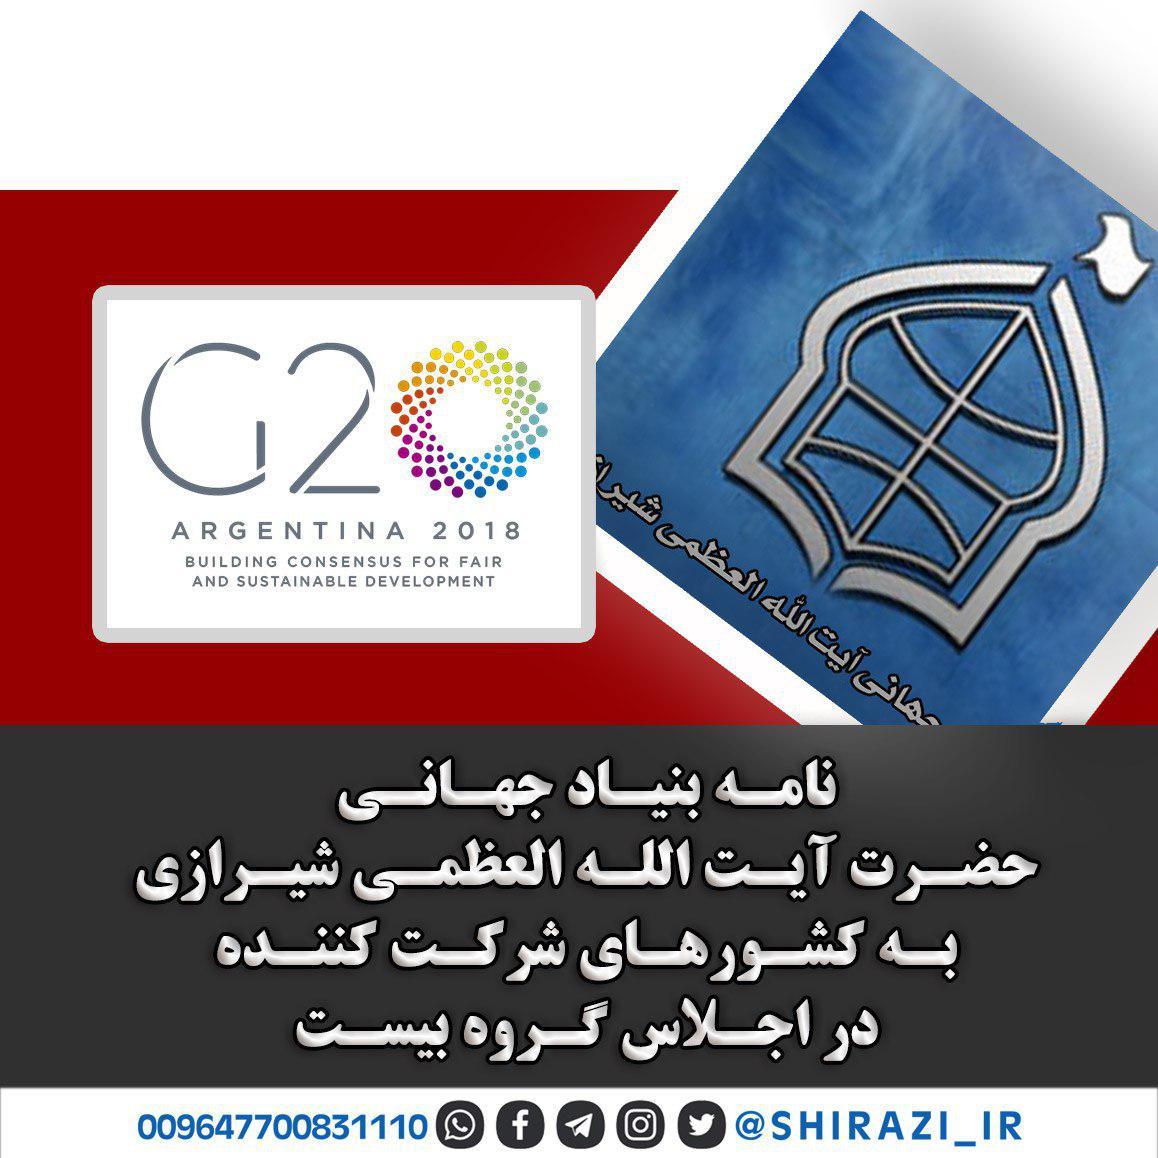 تصویر نامه بنیاد جهانی آیت الله العظمی شیرازی به کشورهای شرکت کننده در اجلاس گروه بیست